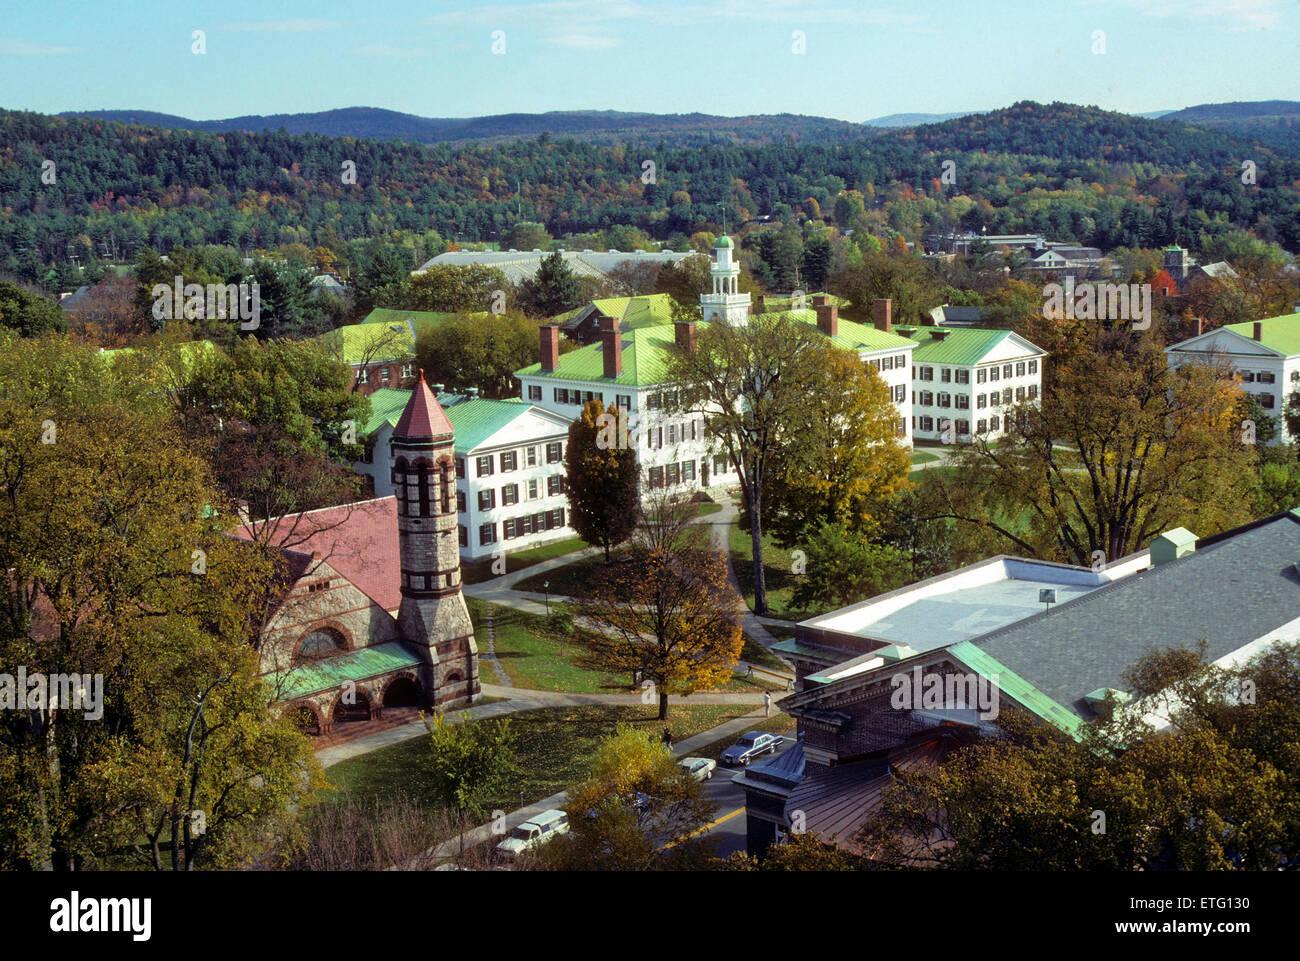 Vista elevada del campus del Dartmouth College en Hanover, New Hampshire, Estados Unidos - una escuela Ivy League. Imagen De Stock